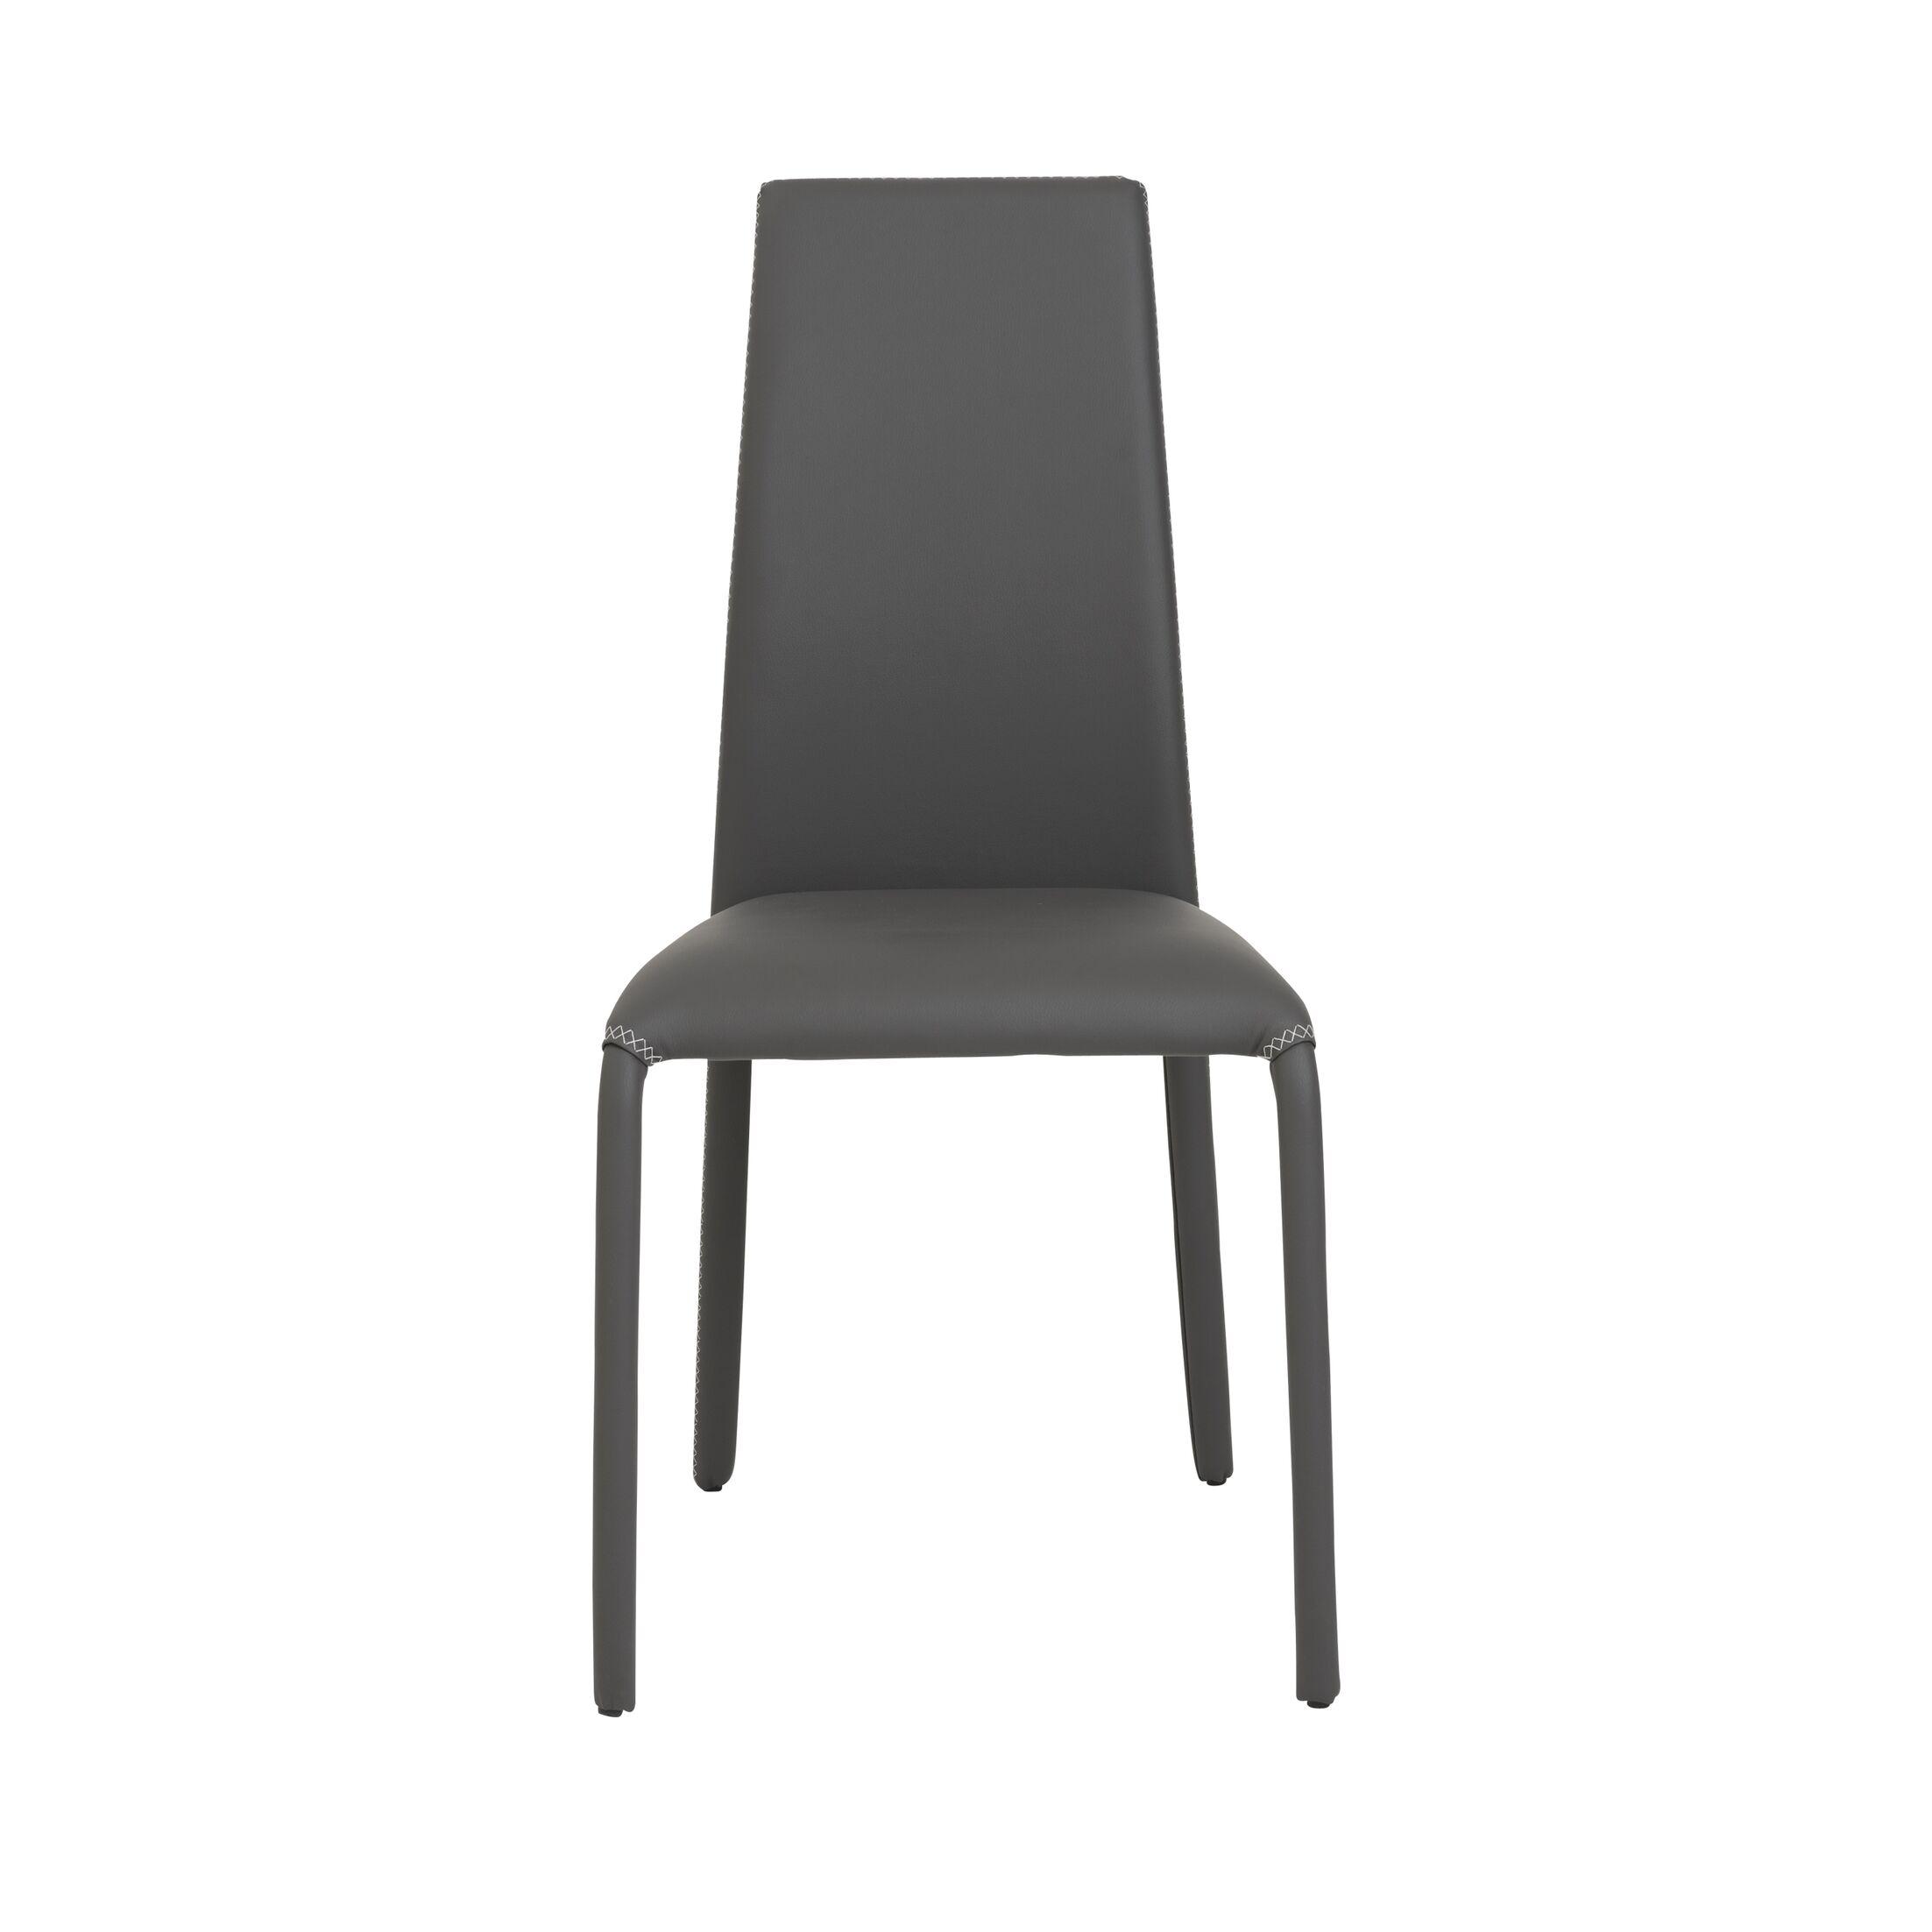 Zariyah Side Chair Finish: Gray